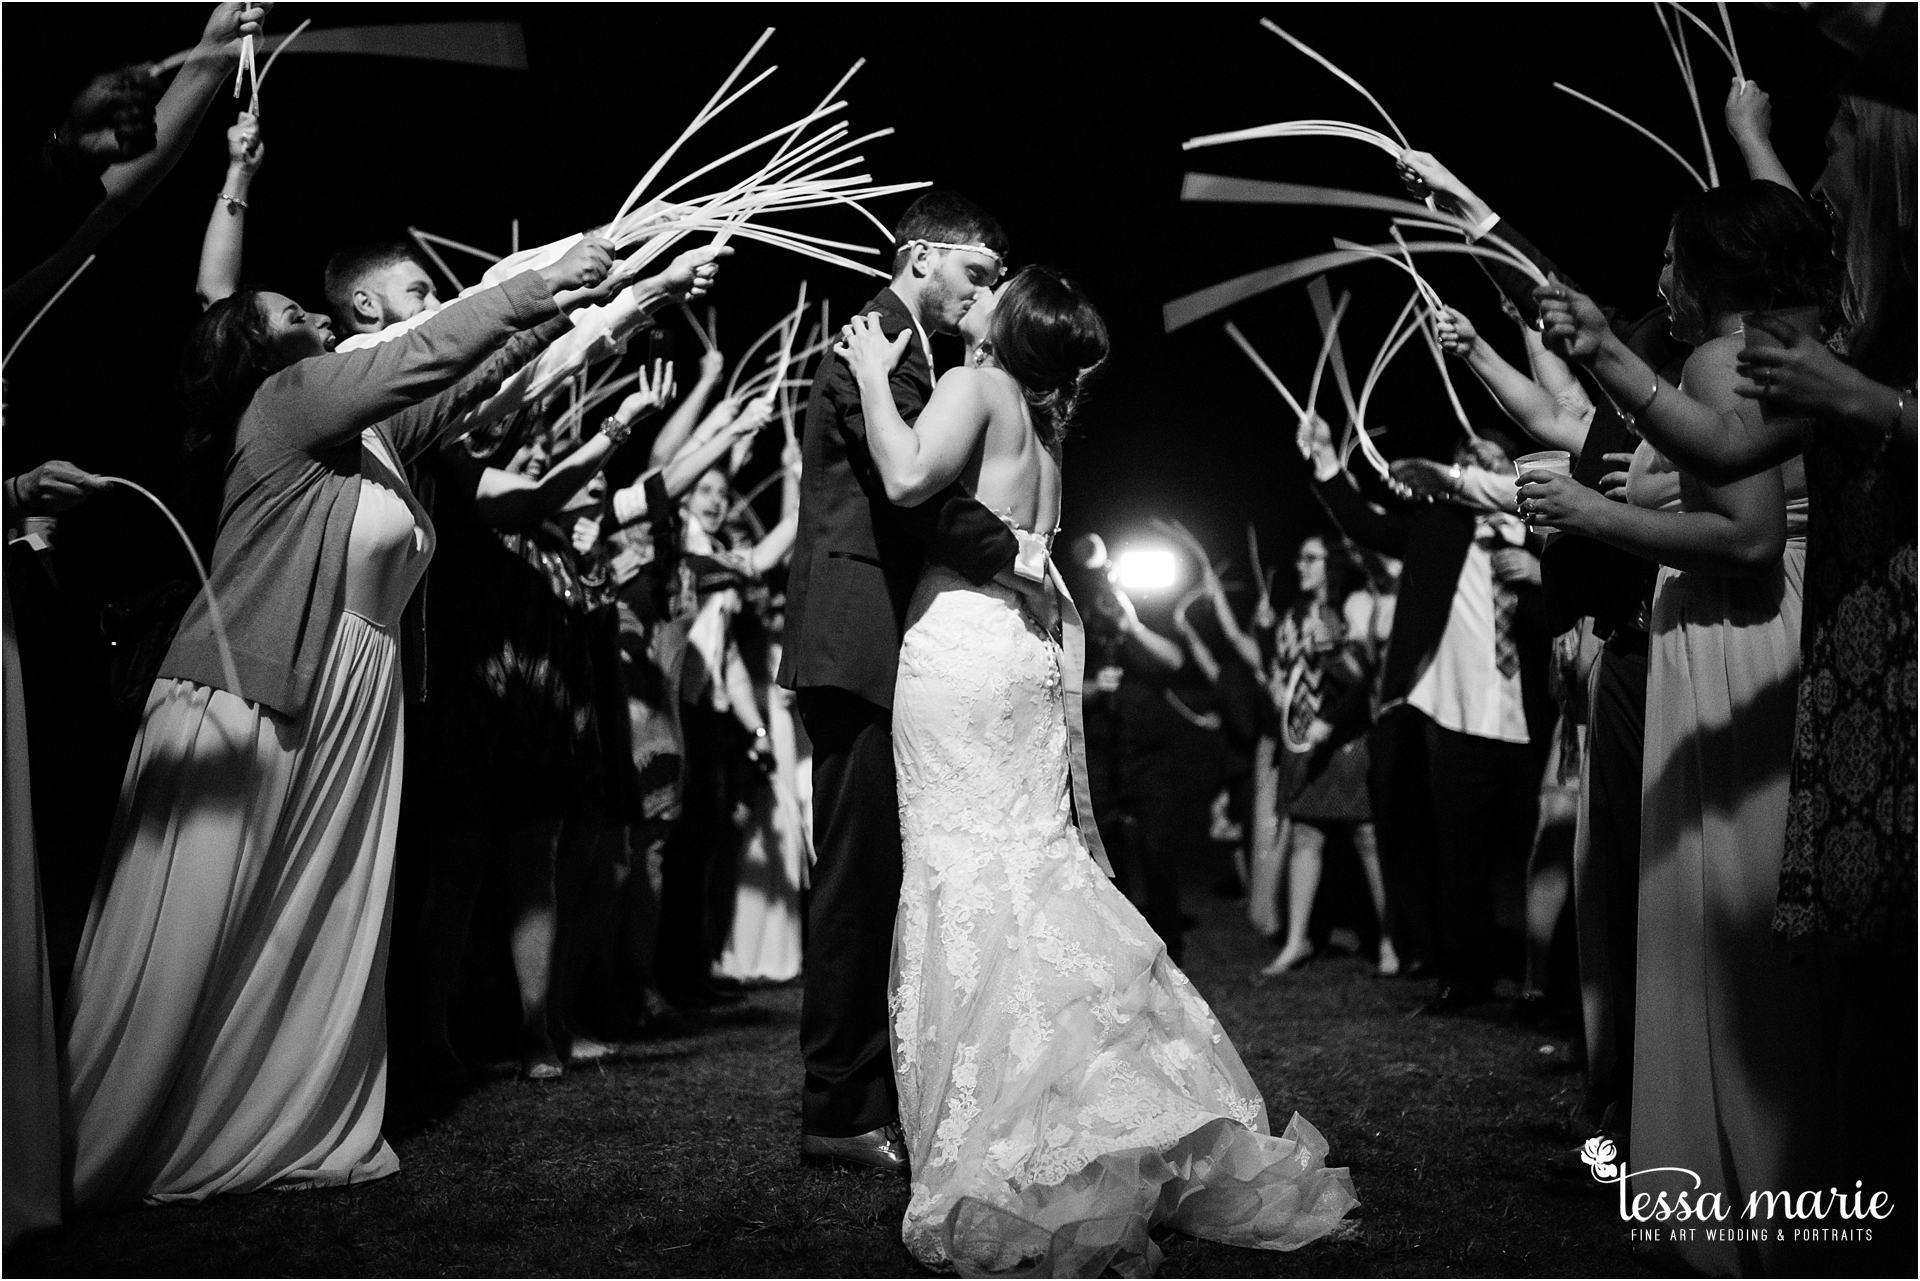 032216_brittany_kevin_wedding-180